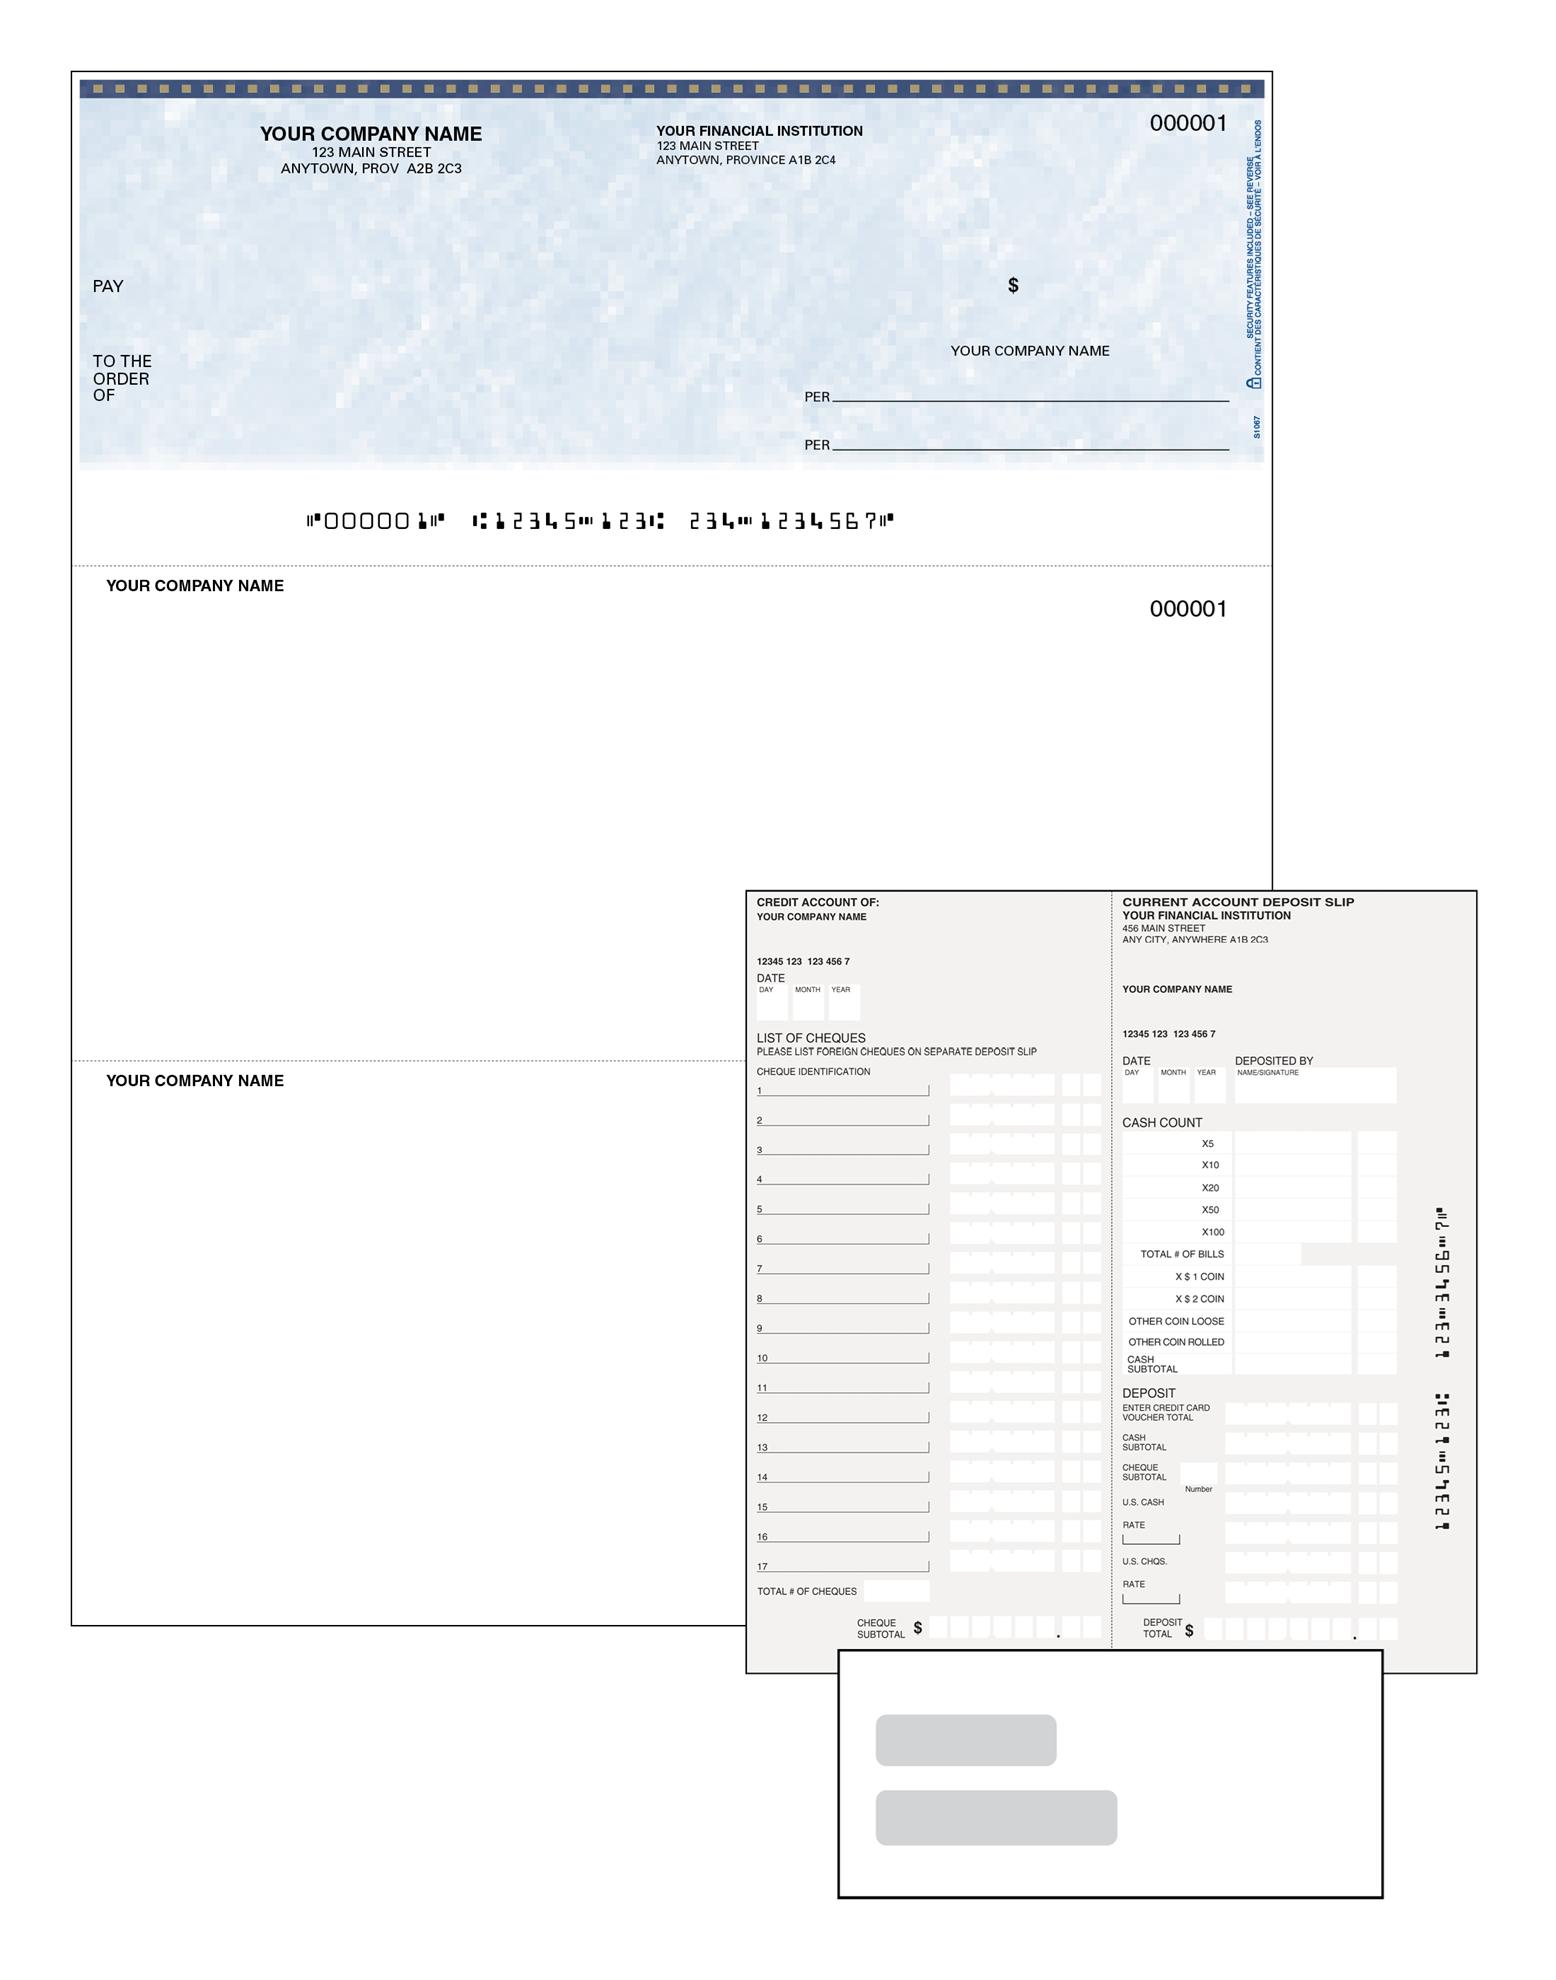 Voucher Cheque Starter Kit